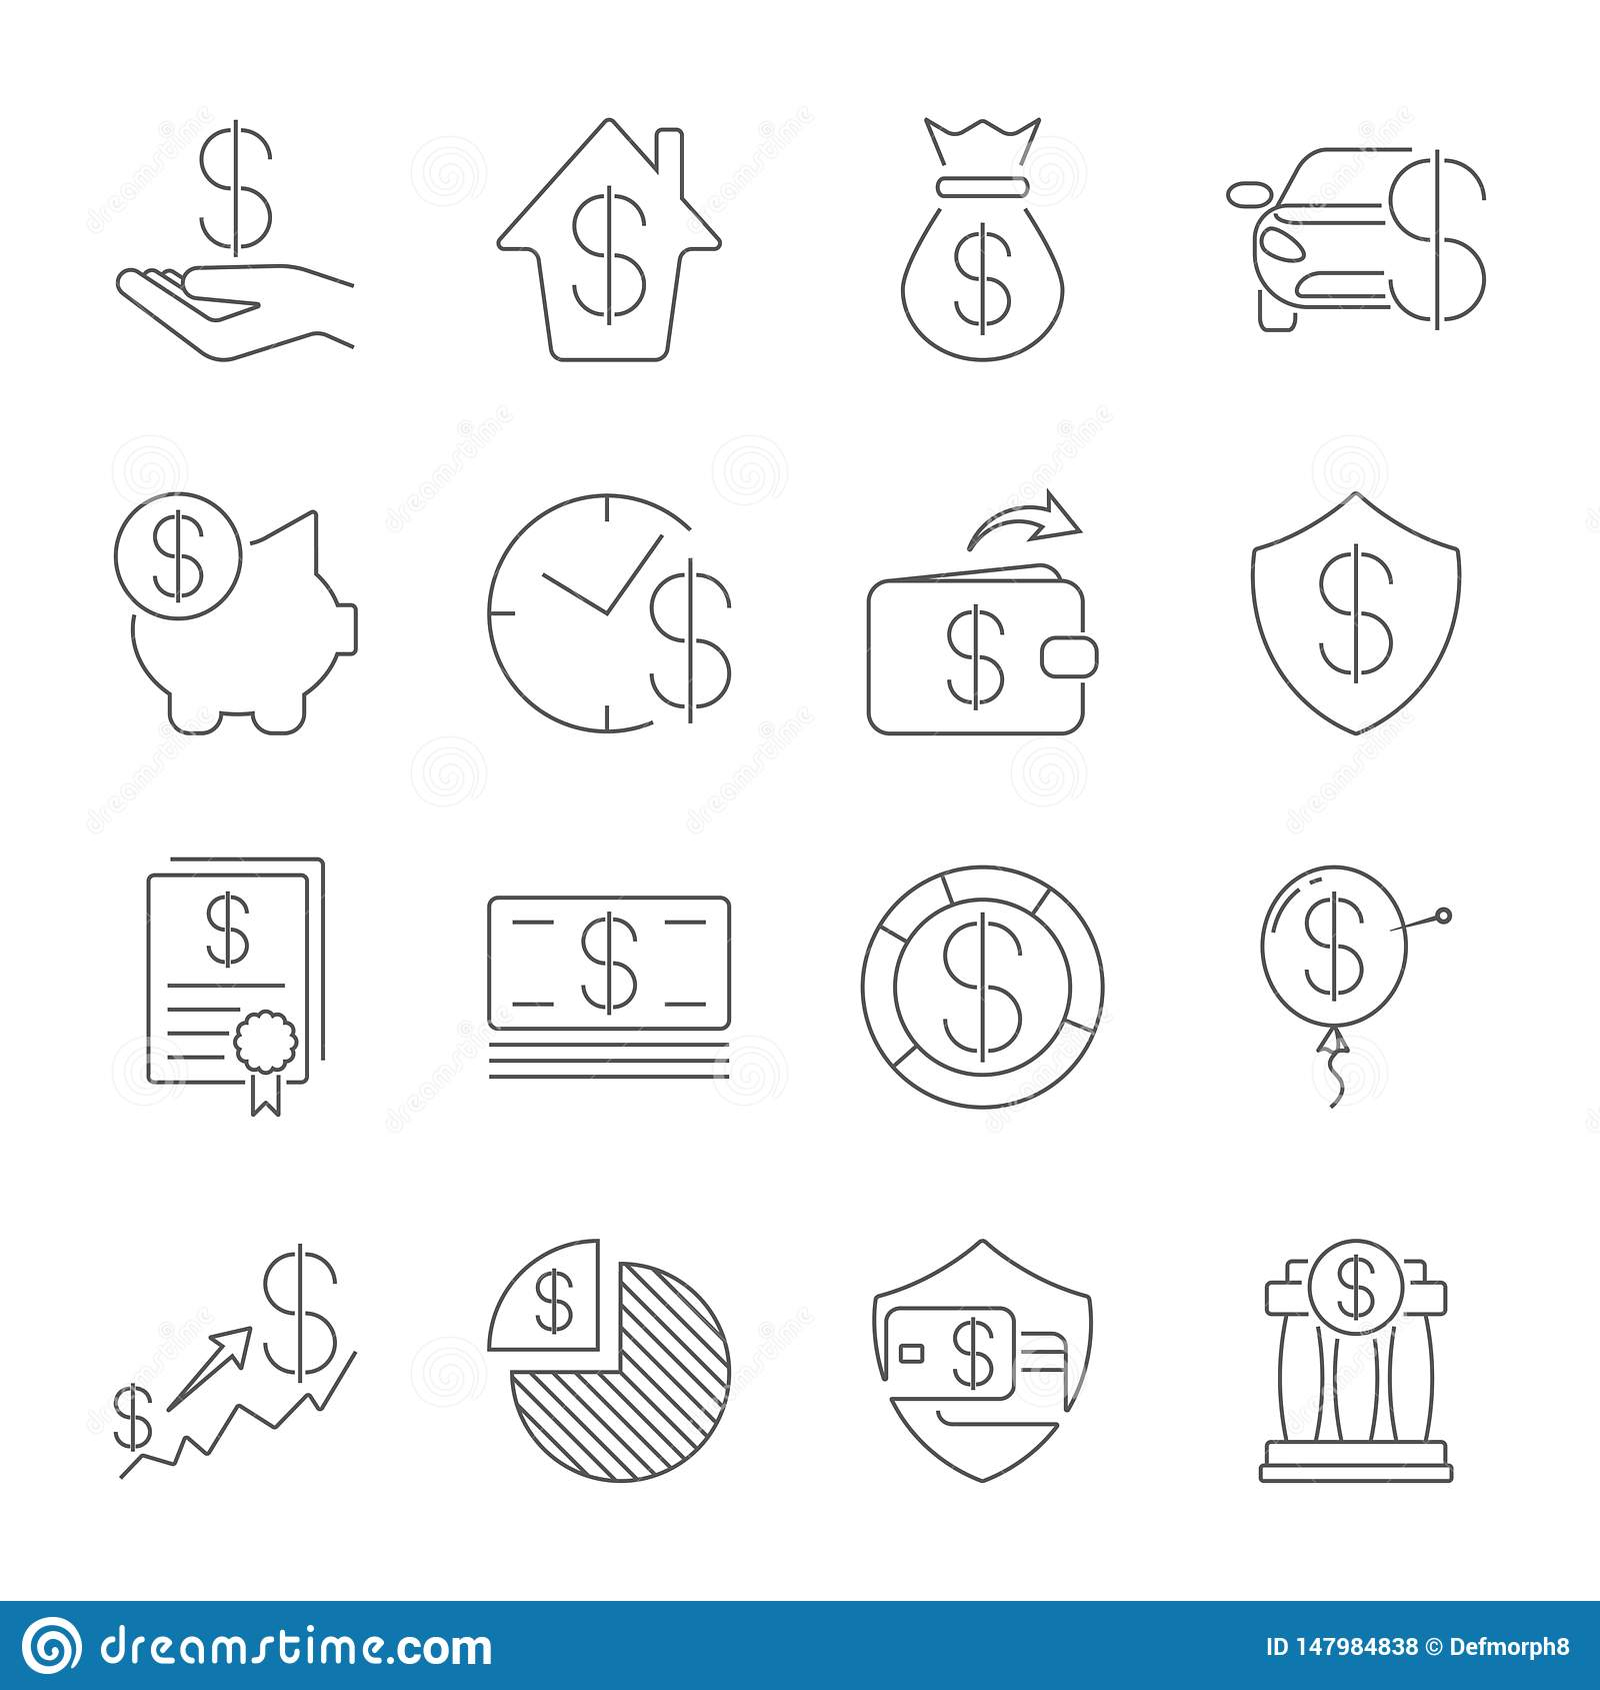 Einfacher Satz Geld-der in Verbindung stehenden Vektor-Linie Ikonen Dünne Linie Vektorikonensatz - Dollar, Kreditkarte, Geldbörse